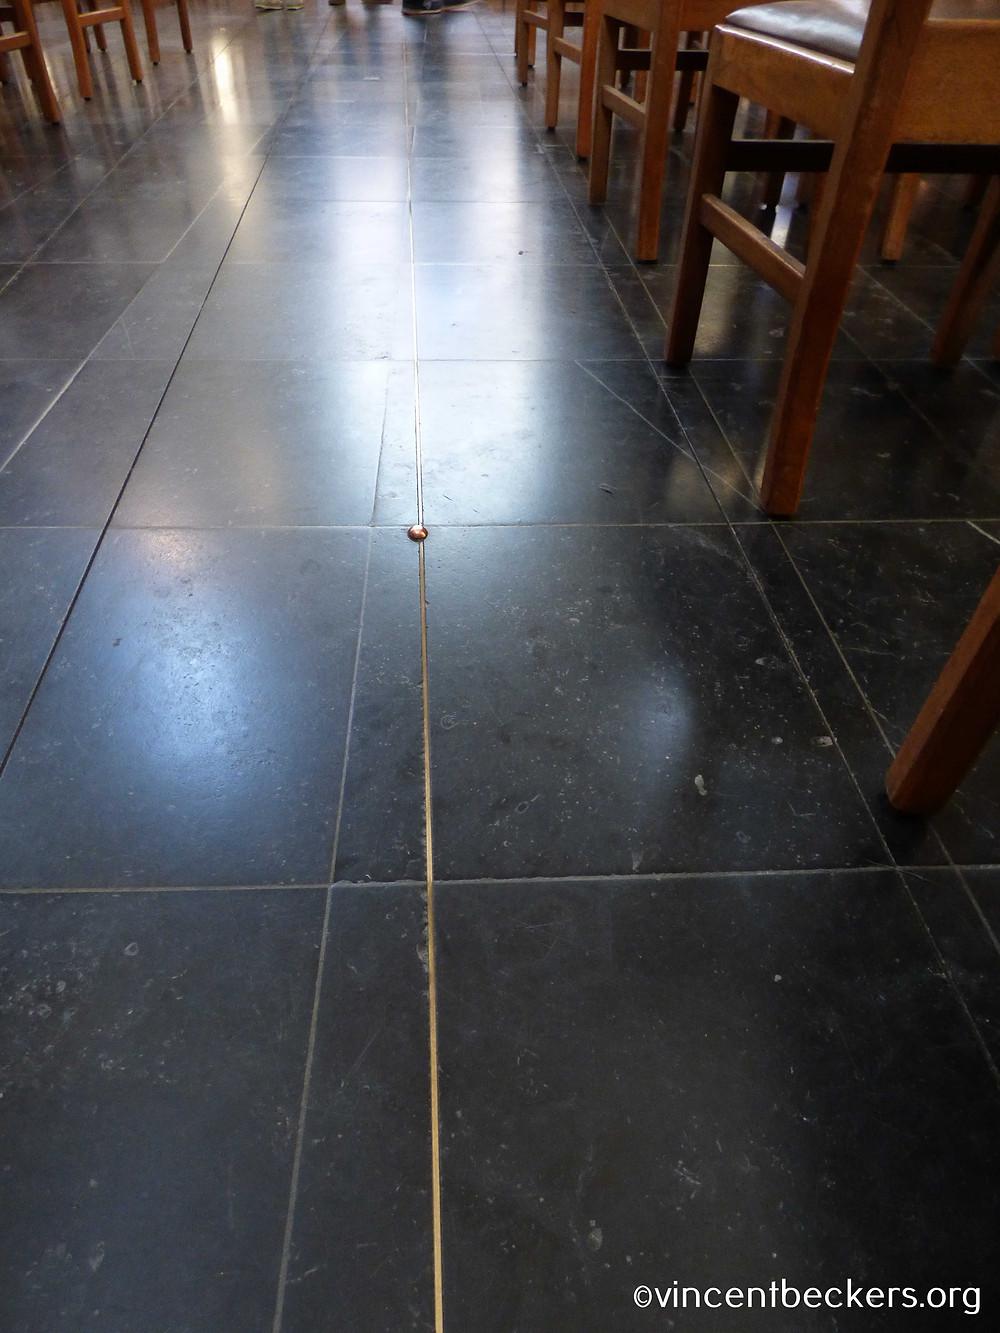 méridien de Bruxelles, cathédrale Saint-Michel, Bruxelles, visite Bruxelles avec Vincent Beckers